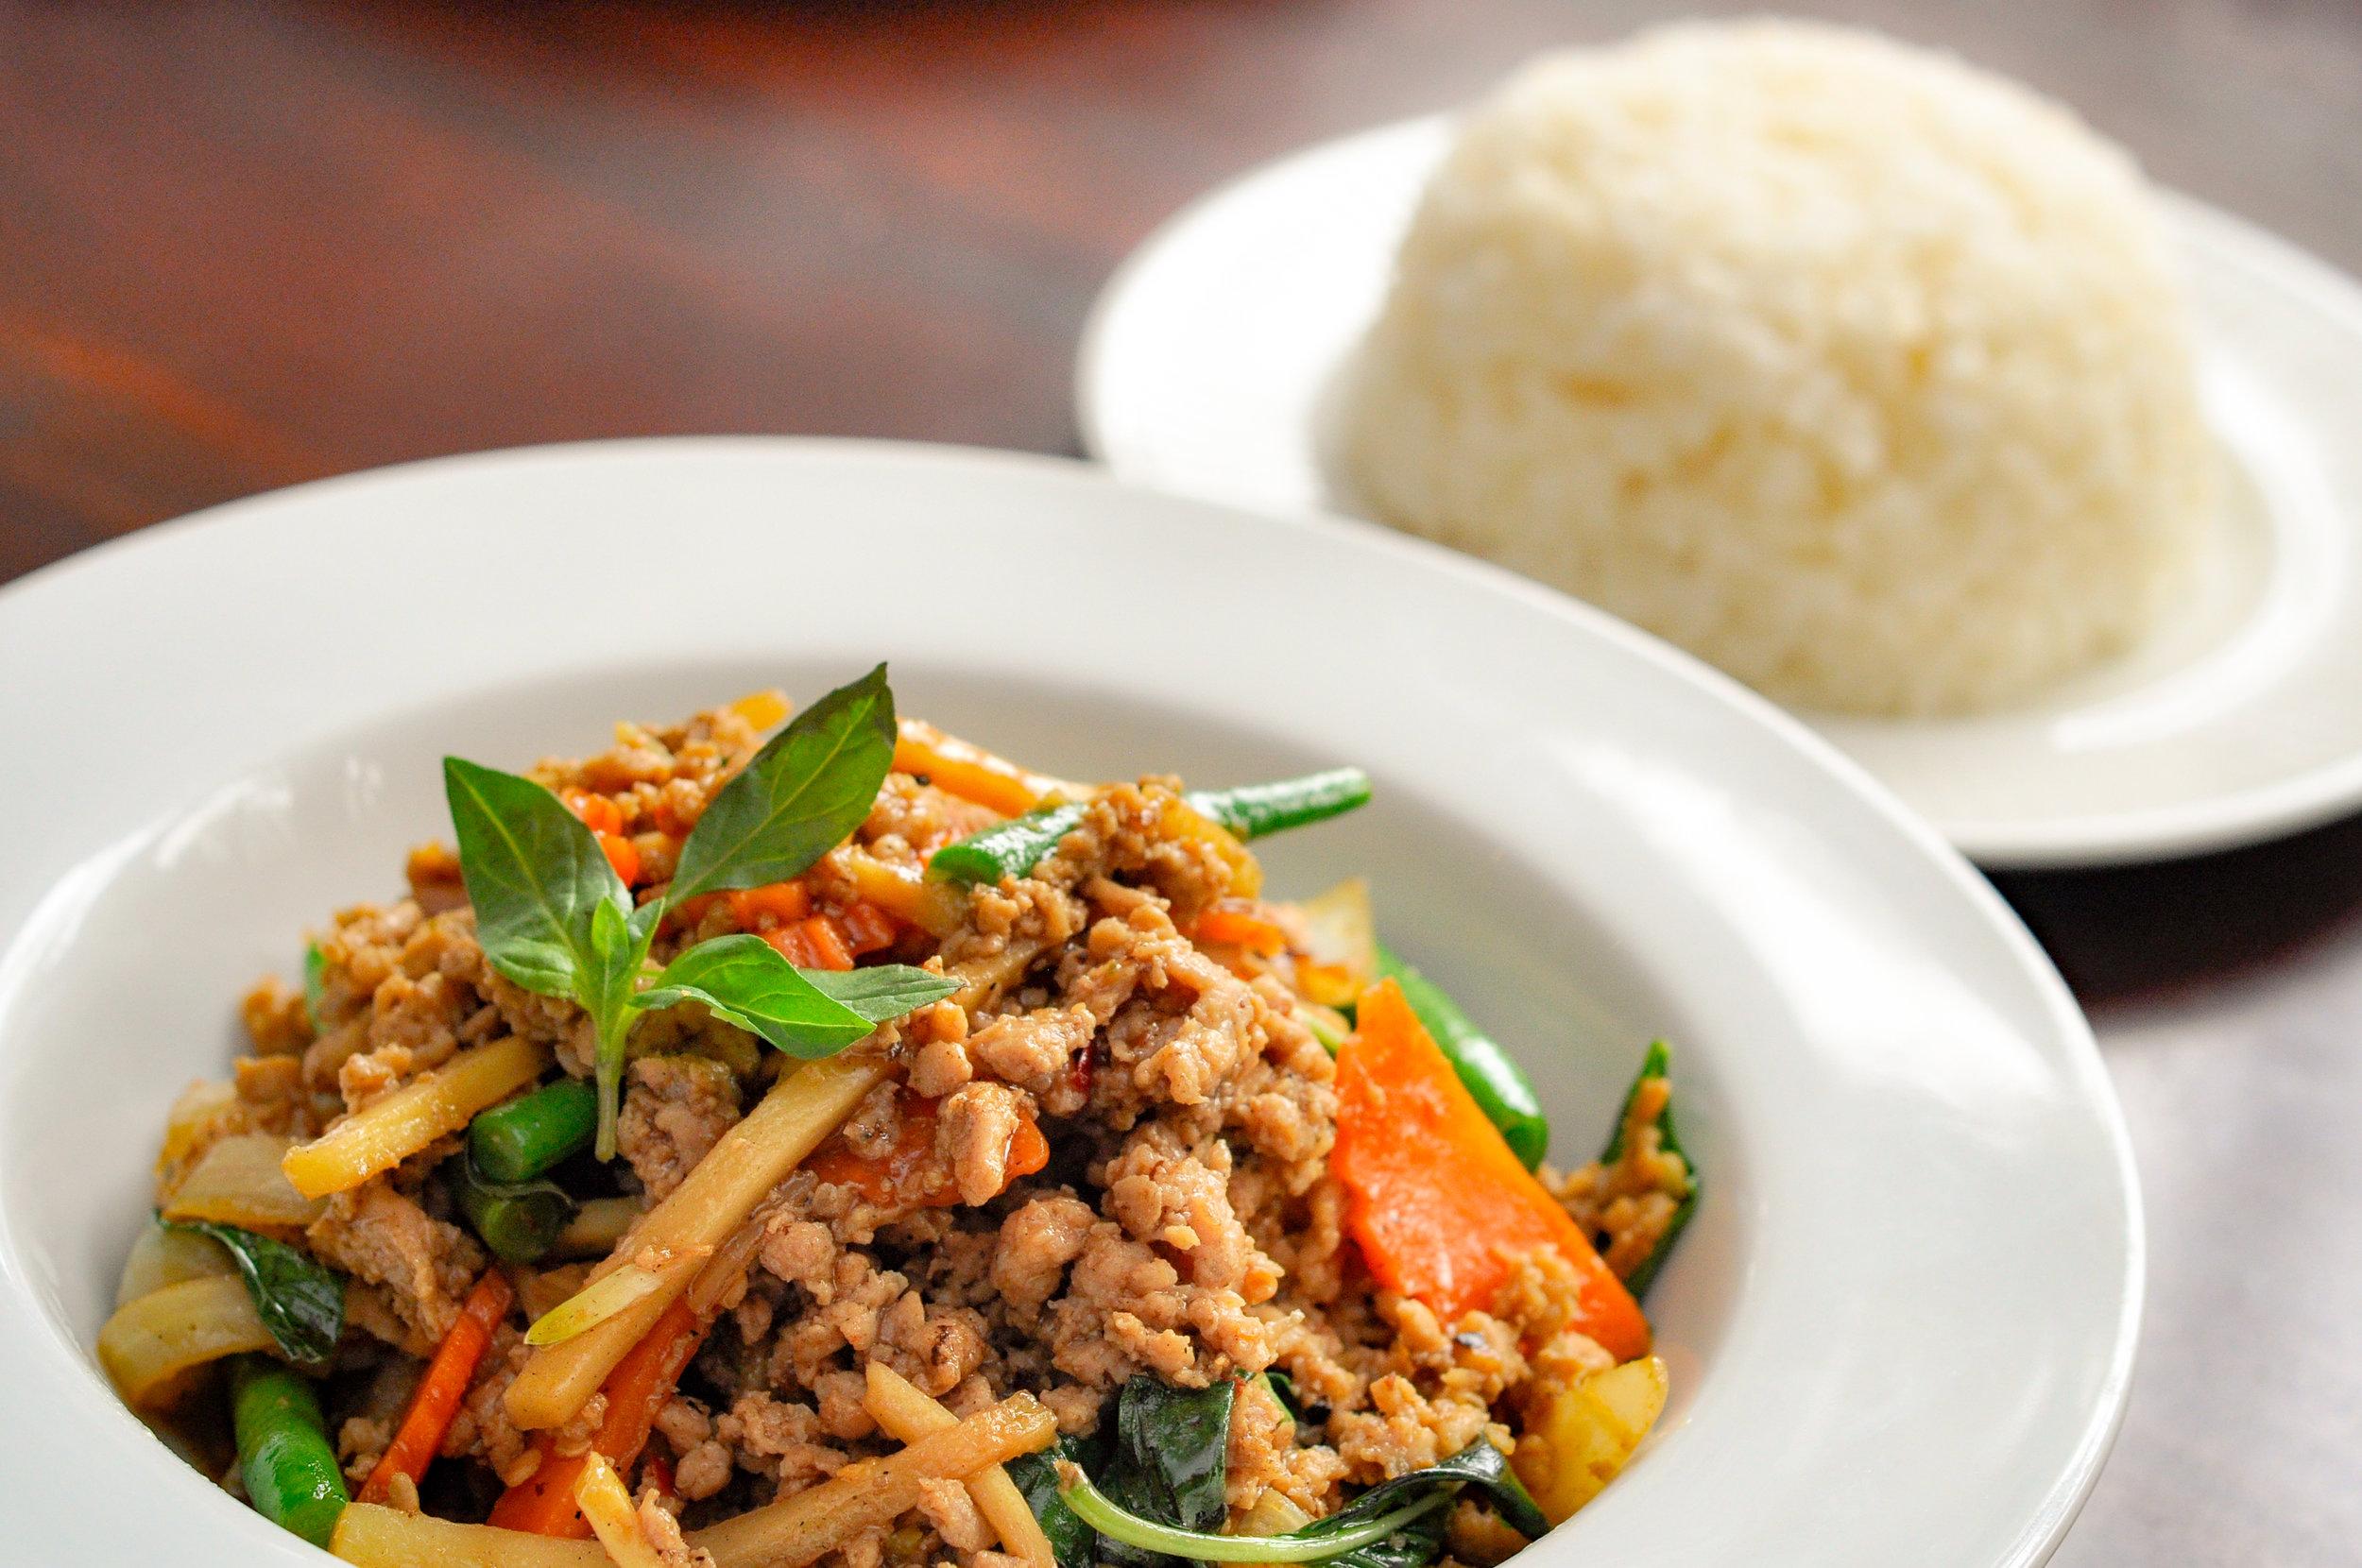 Thai Basil Chicken Stir-fried